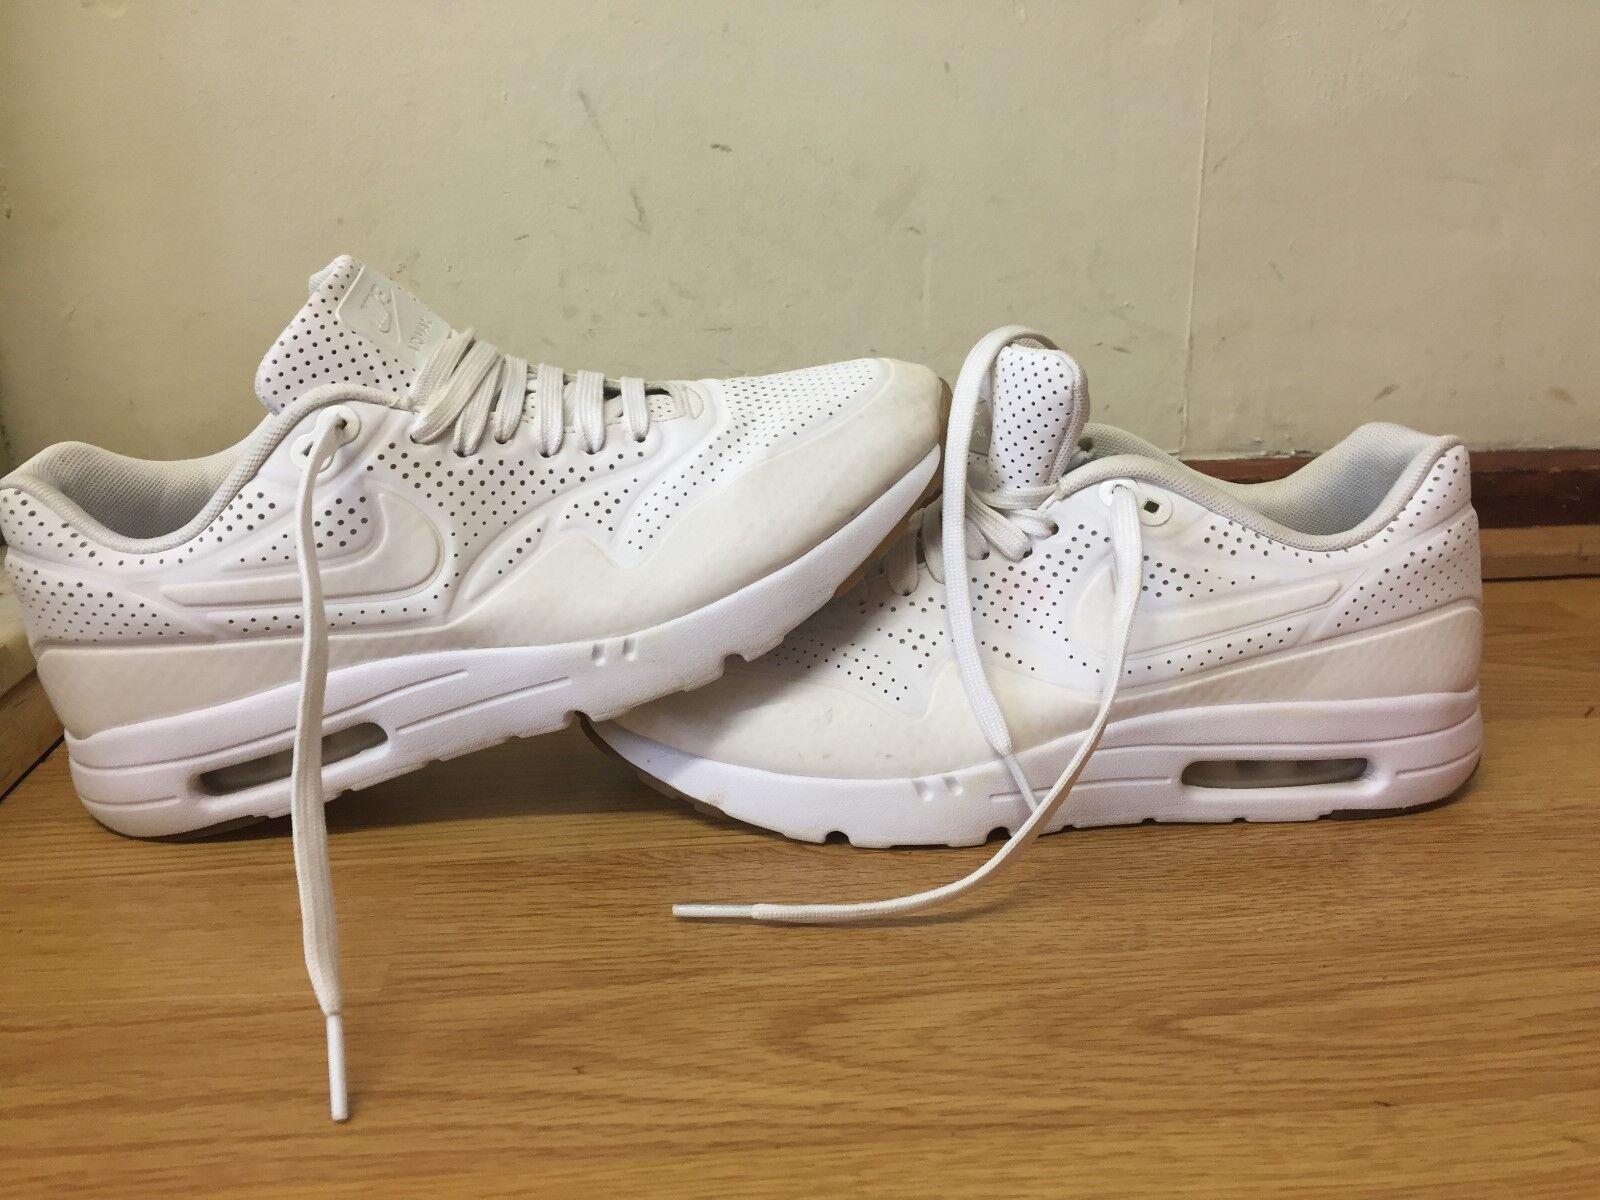 Nike Nike Nike Air Max 1 Ultra Moire Trainers  SIZE UK 7 / EU 41 fc3ef8